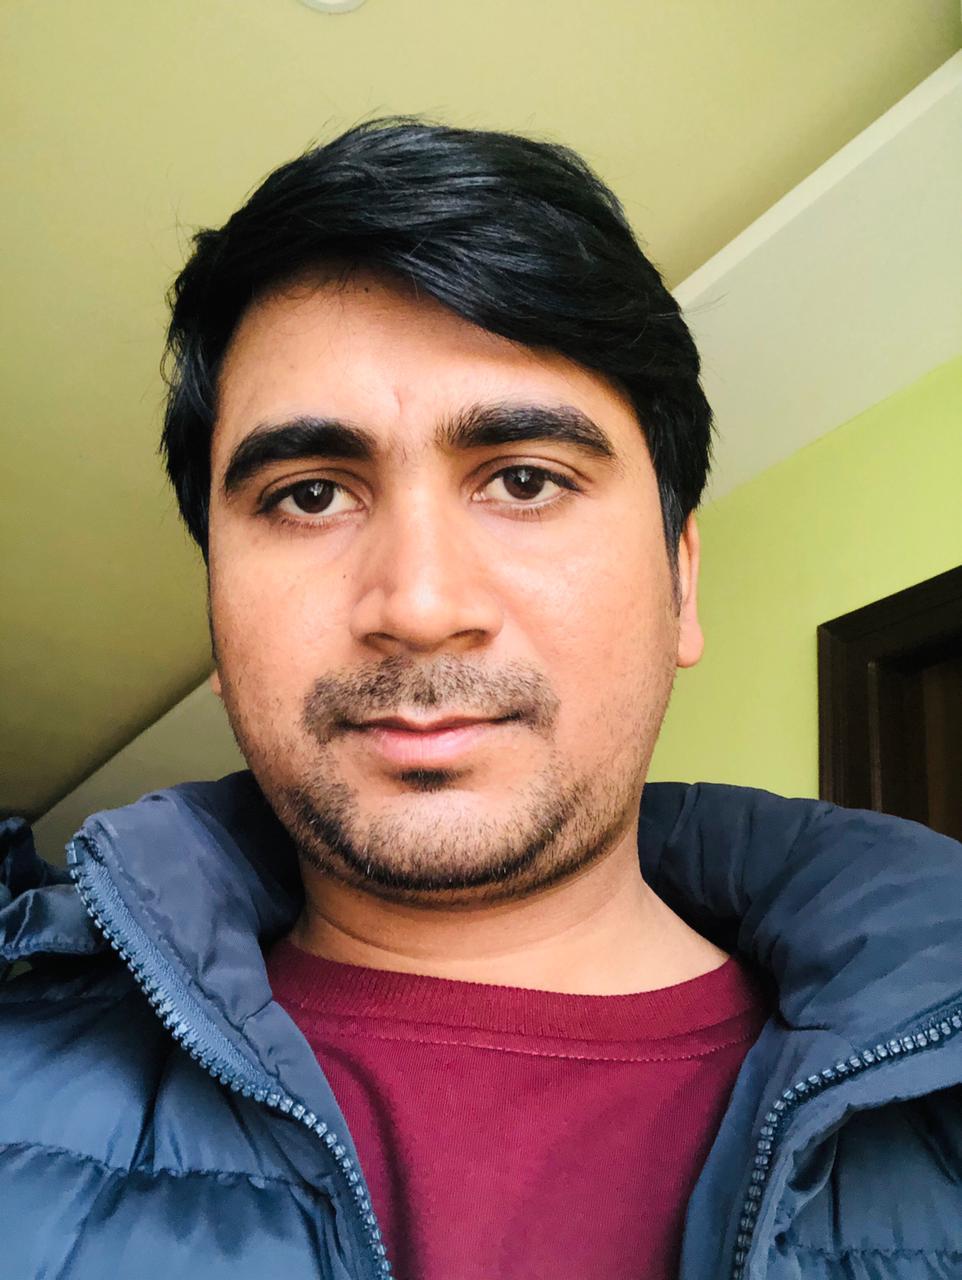 Nazir Hussain